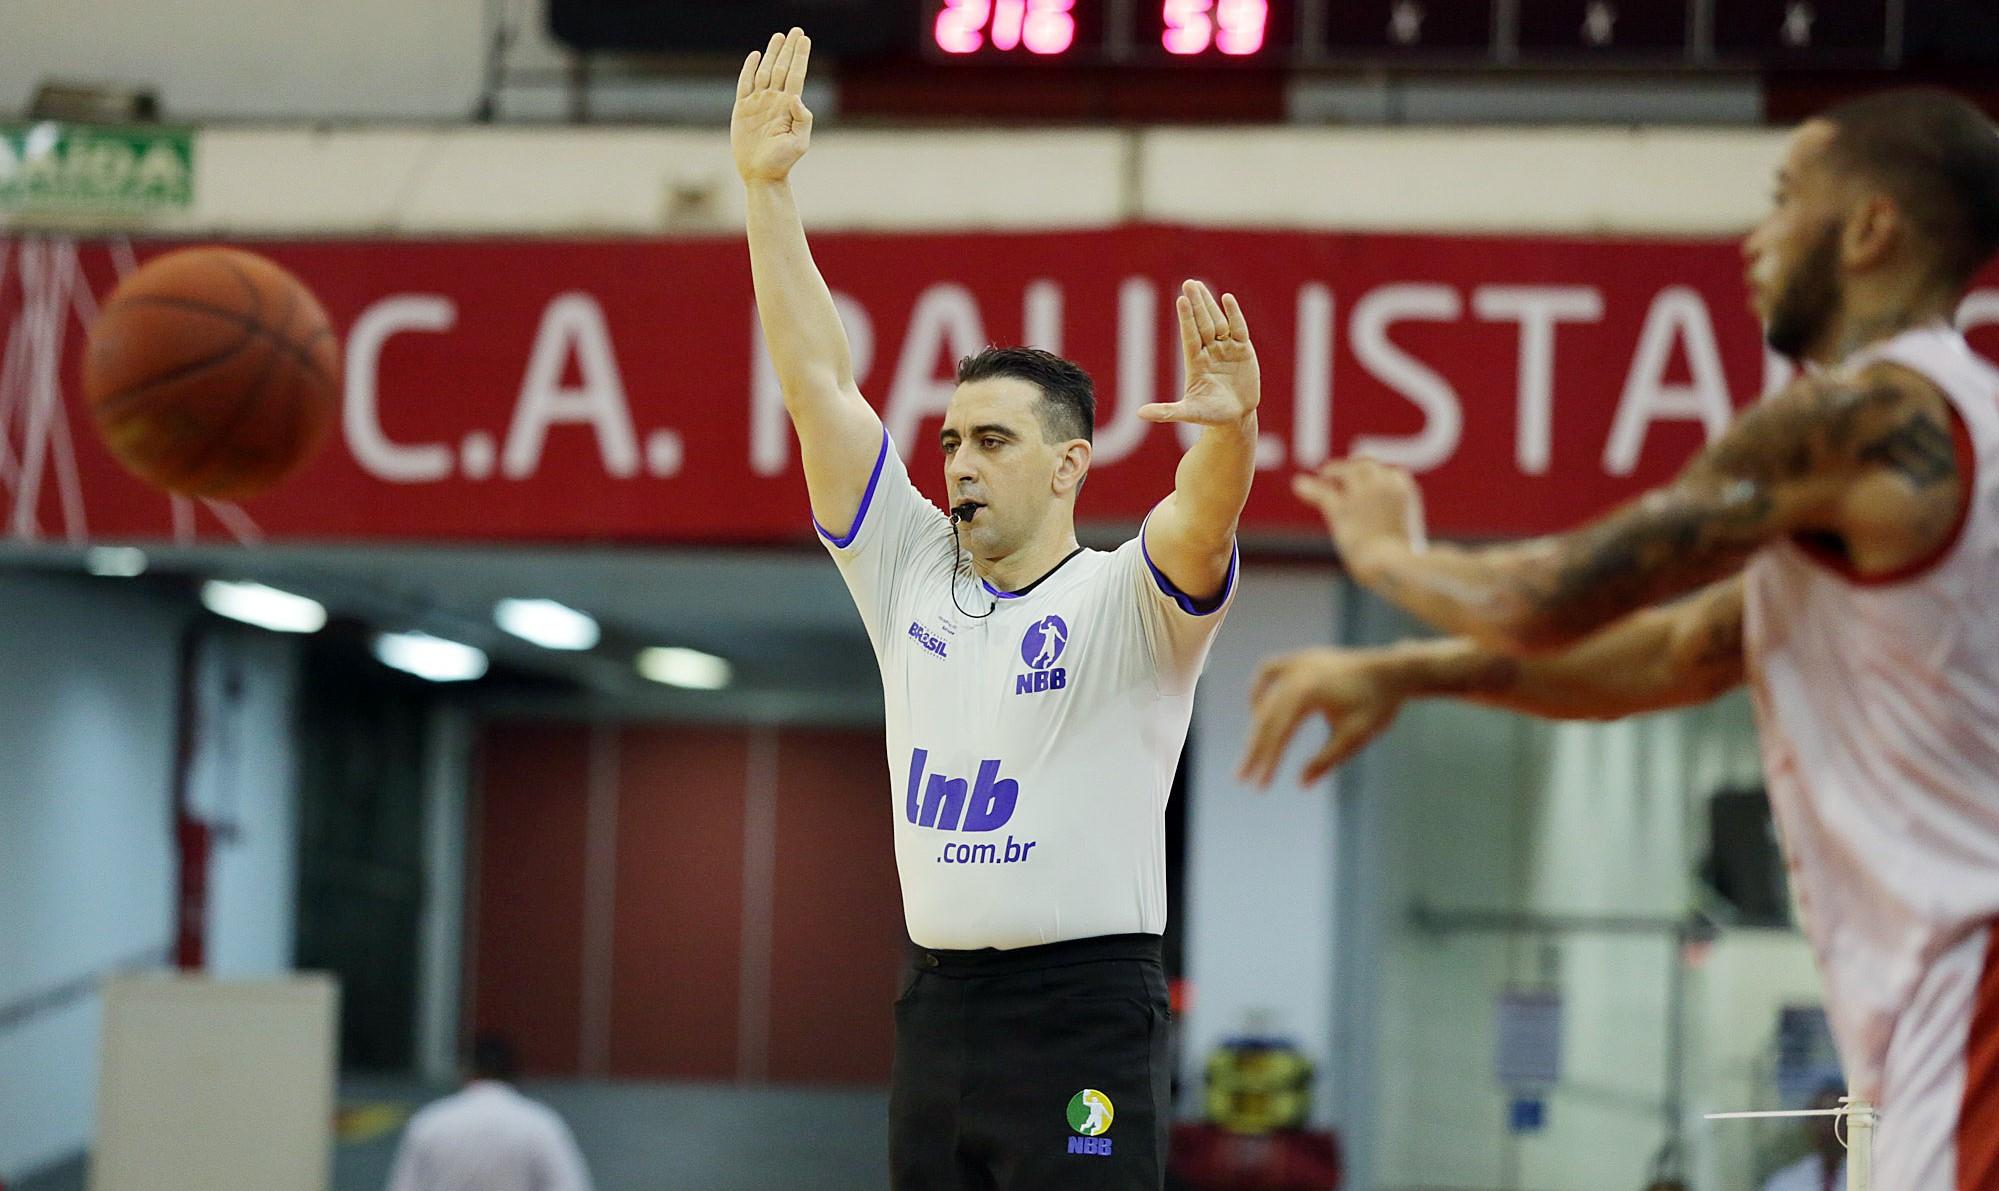 Locatelli é um dos principais árbitros do país e é figura presente nos principais jogos do NBB (João Pires/LNB)